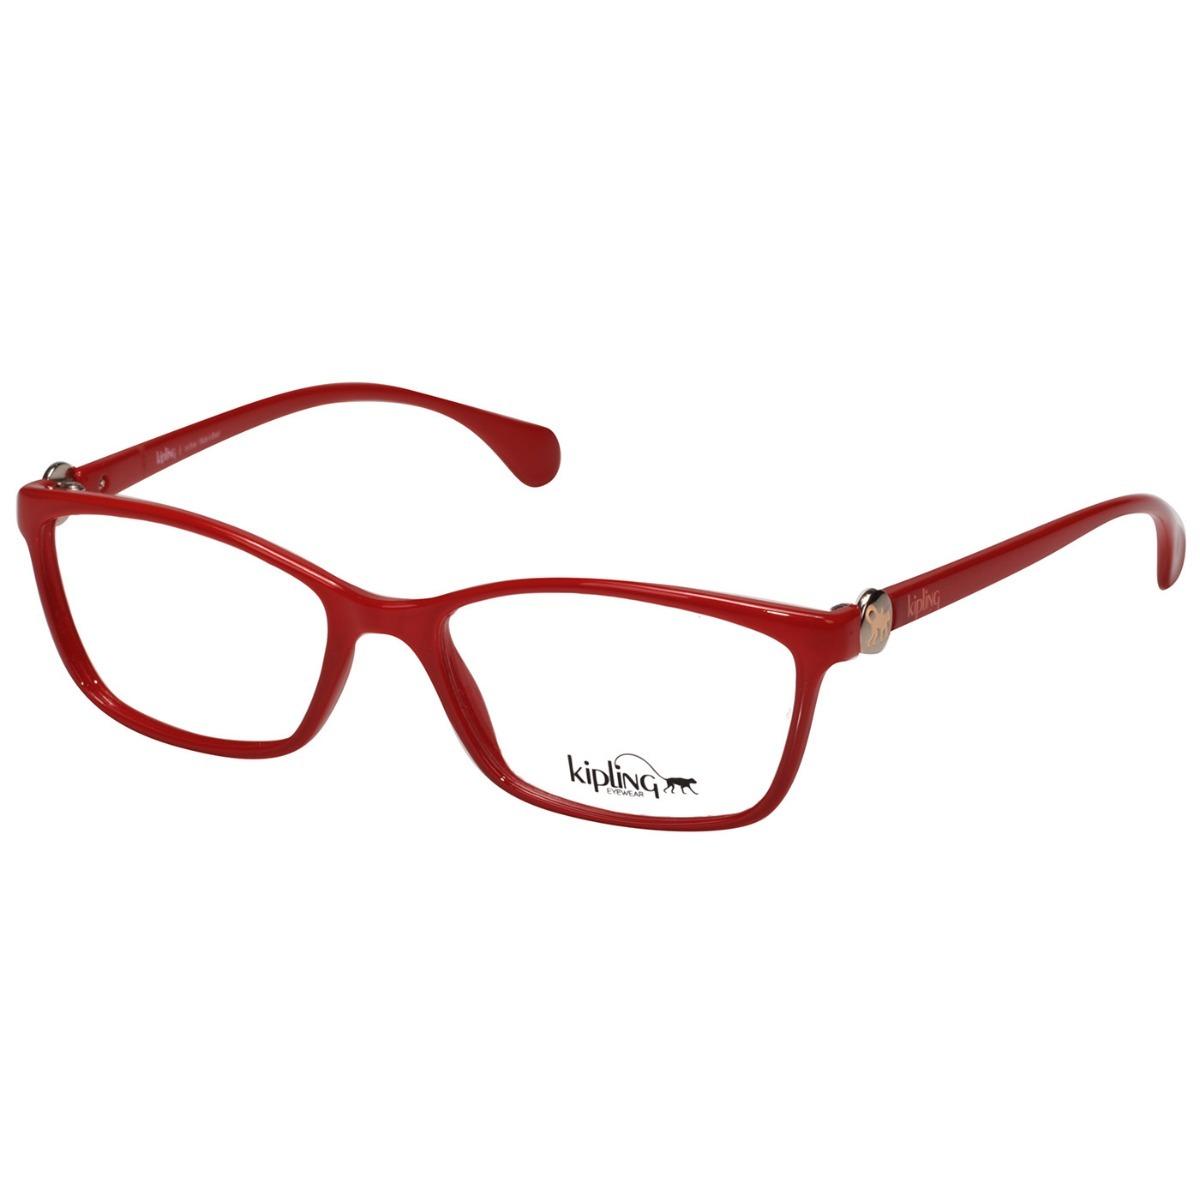 Armação De Óculos Kipling Kp3060 C253 51 - R  342,00 em Mercado Livre ebdd8f3b27